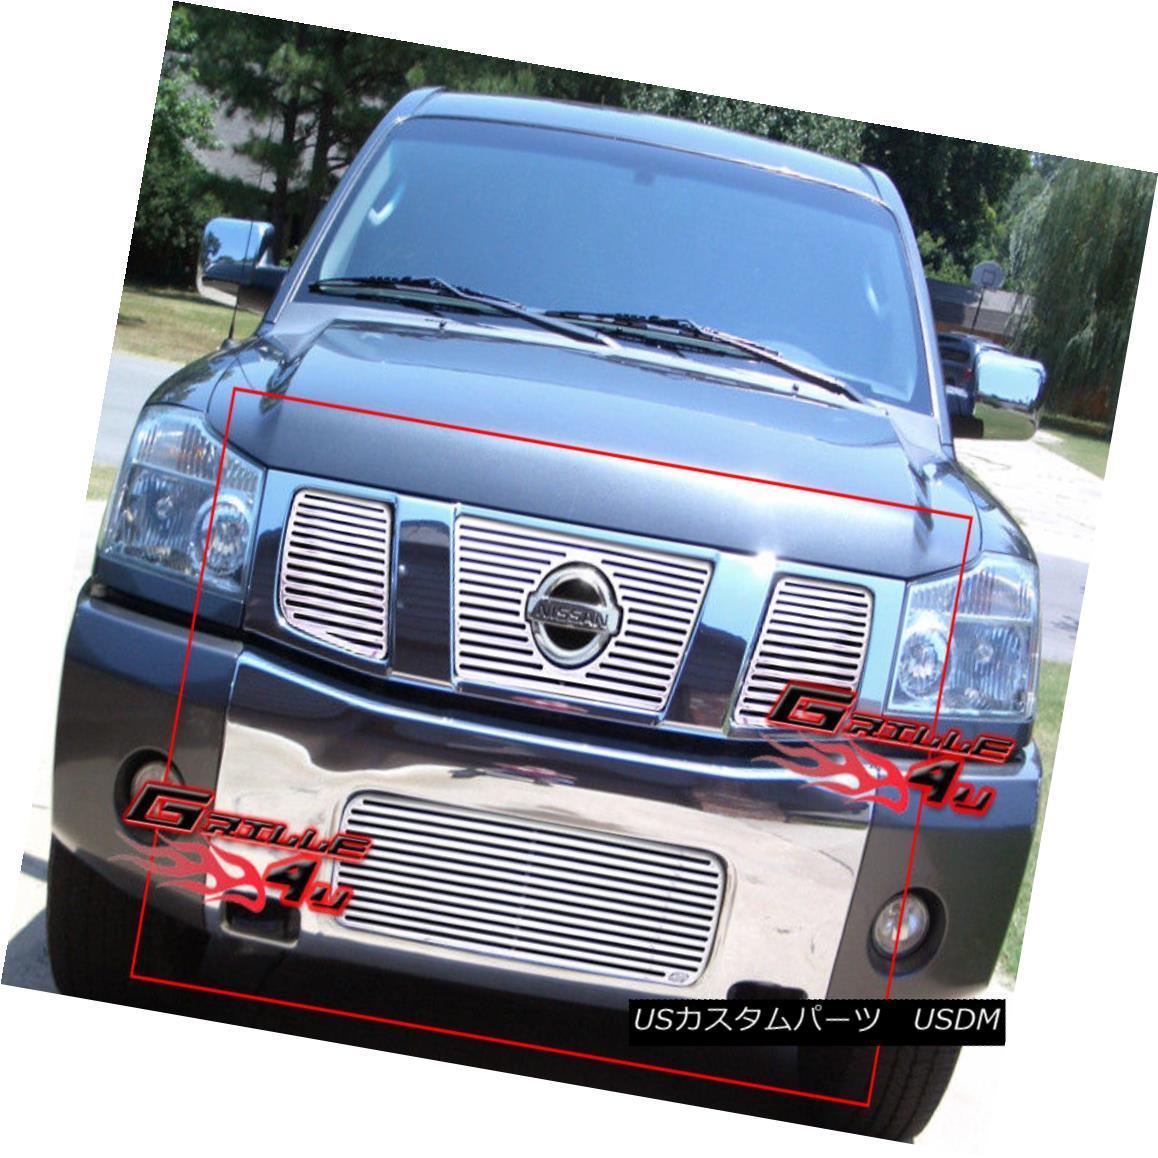 グリル For 04-07 Nissan Titan/Armada Perimeter Billet Grille Combo 04-07 Nissan Titan / Armadaペリメータービレットグリルコンボ用